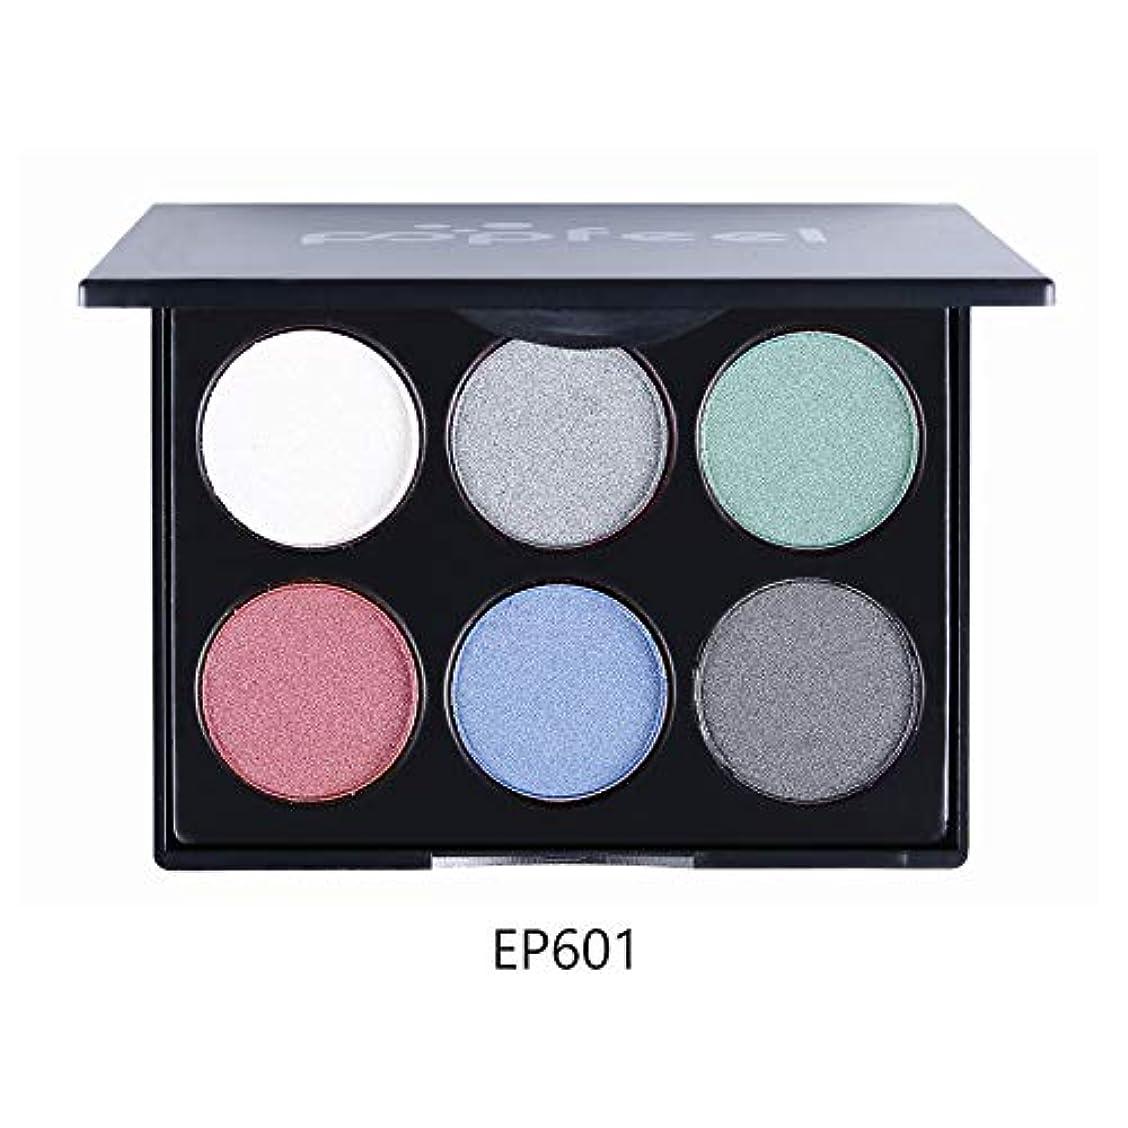 技術的な子音アコーRabugoo 6色マルチカラーアイシャドウパレットビーズマットアイシャドウ化粧品メイクアップ EP6#1